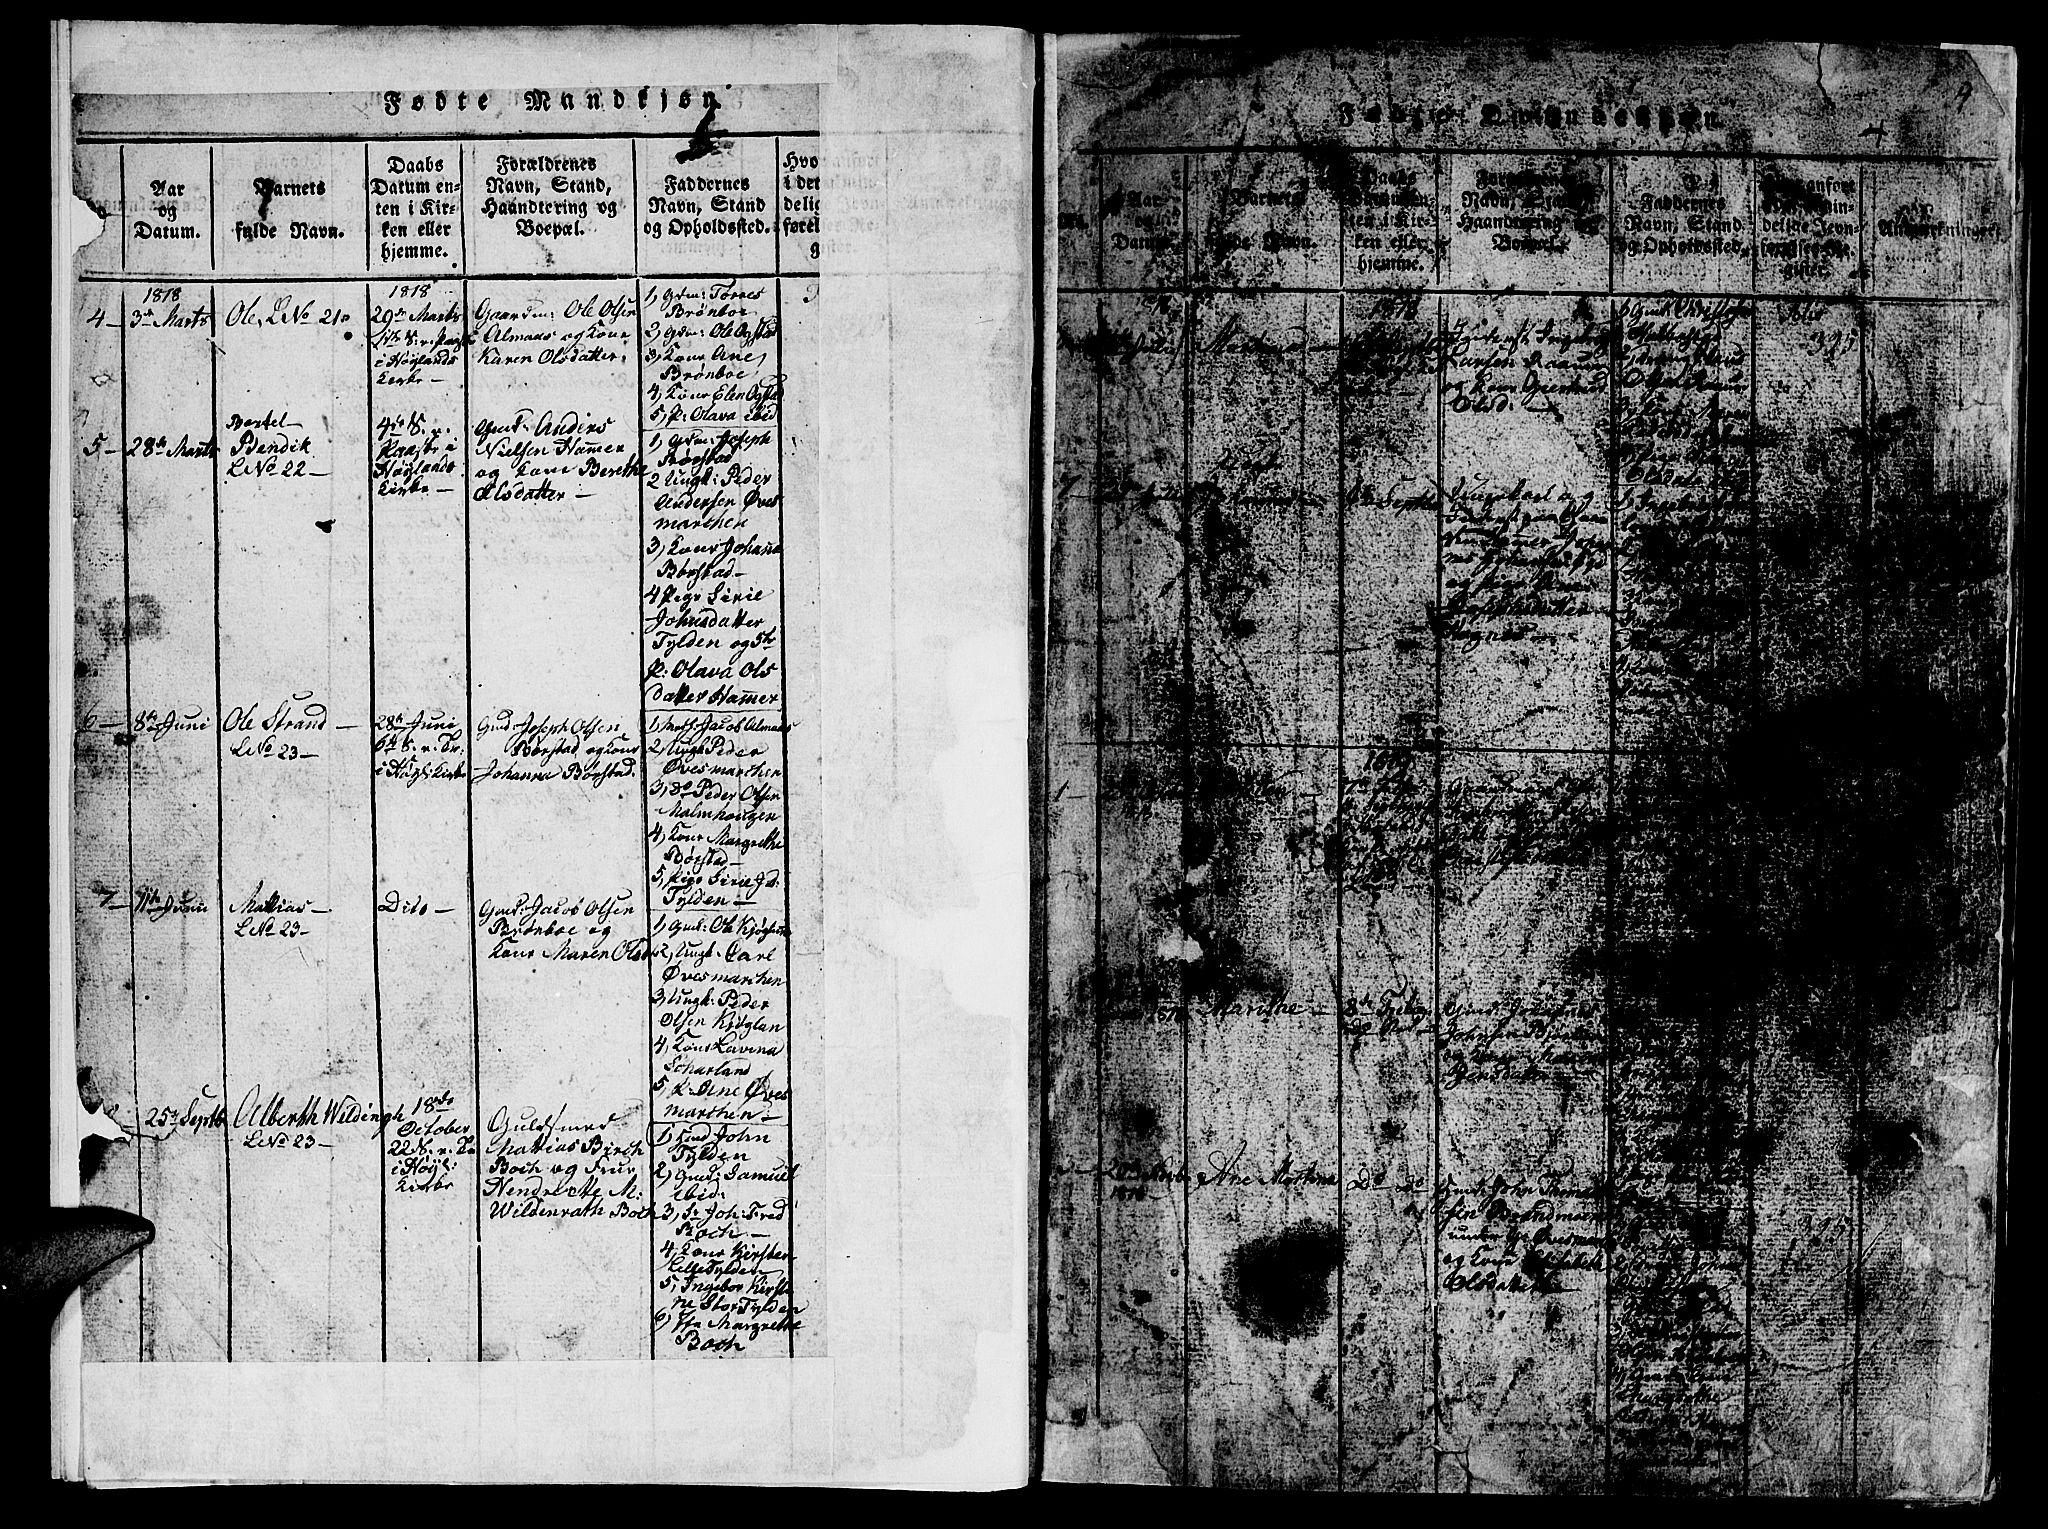 SAT, Ministerialprotokoller, klokkerbøker og fødselsregistre - Nord-Trøndelag, 765/L0562: Klokkerbok nr. 765C01, 1817-1851, s. 4